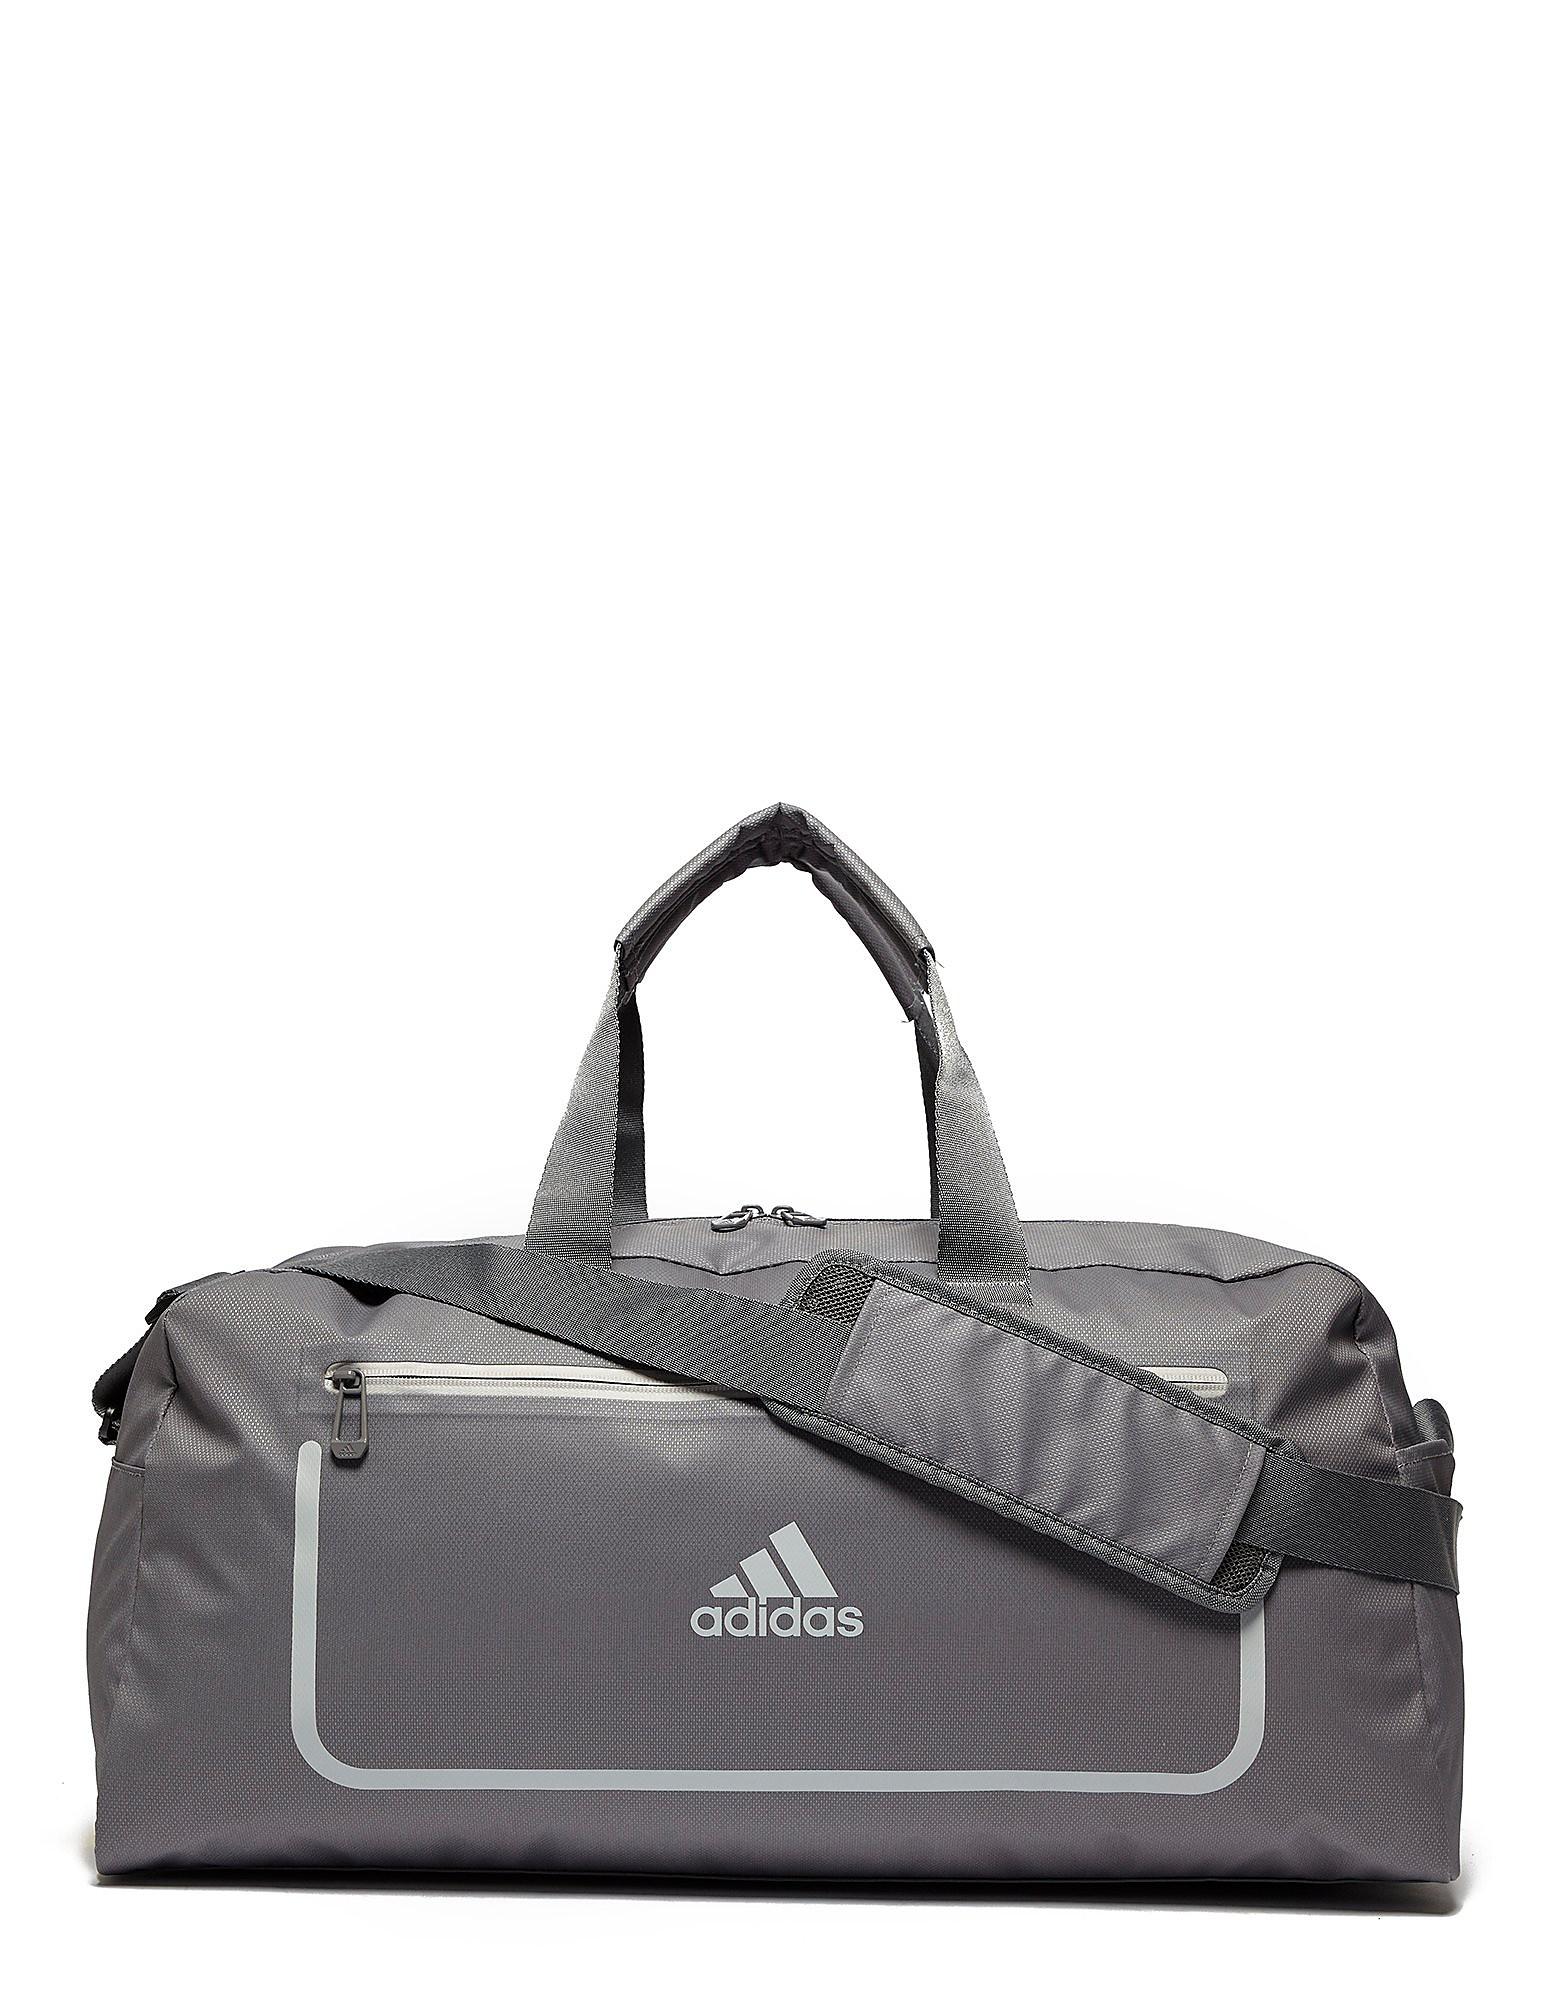 adidas Medium Training Bag